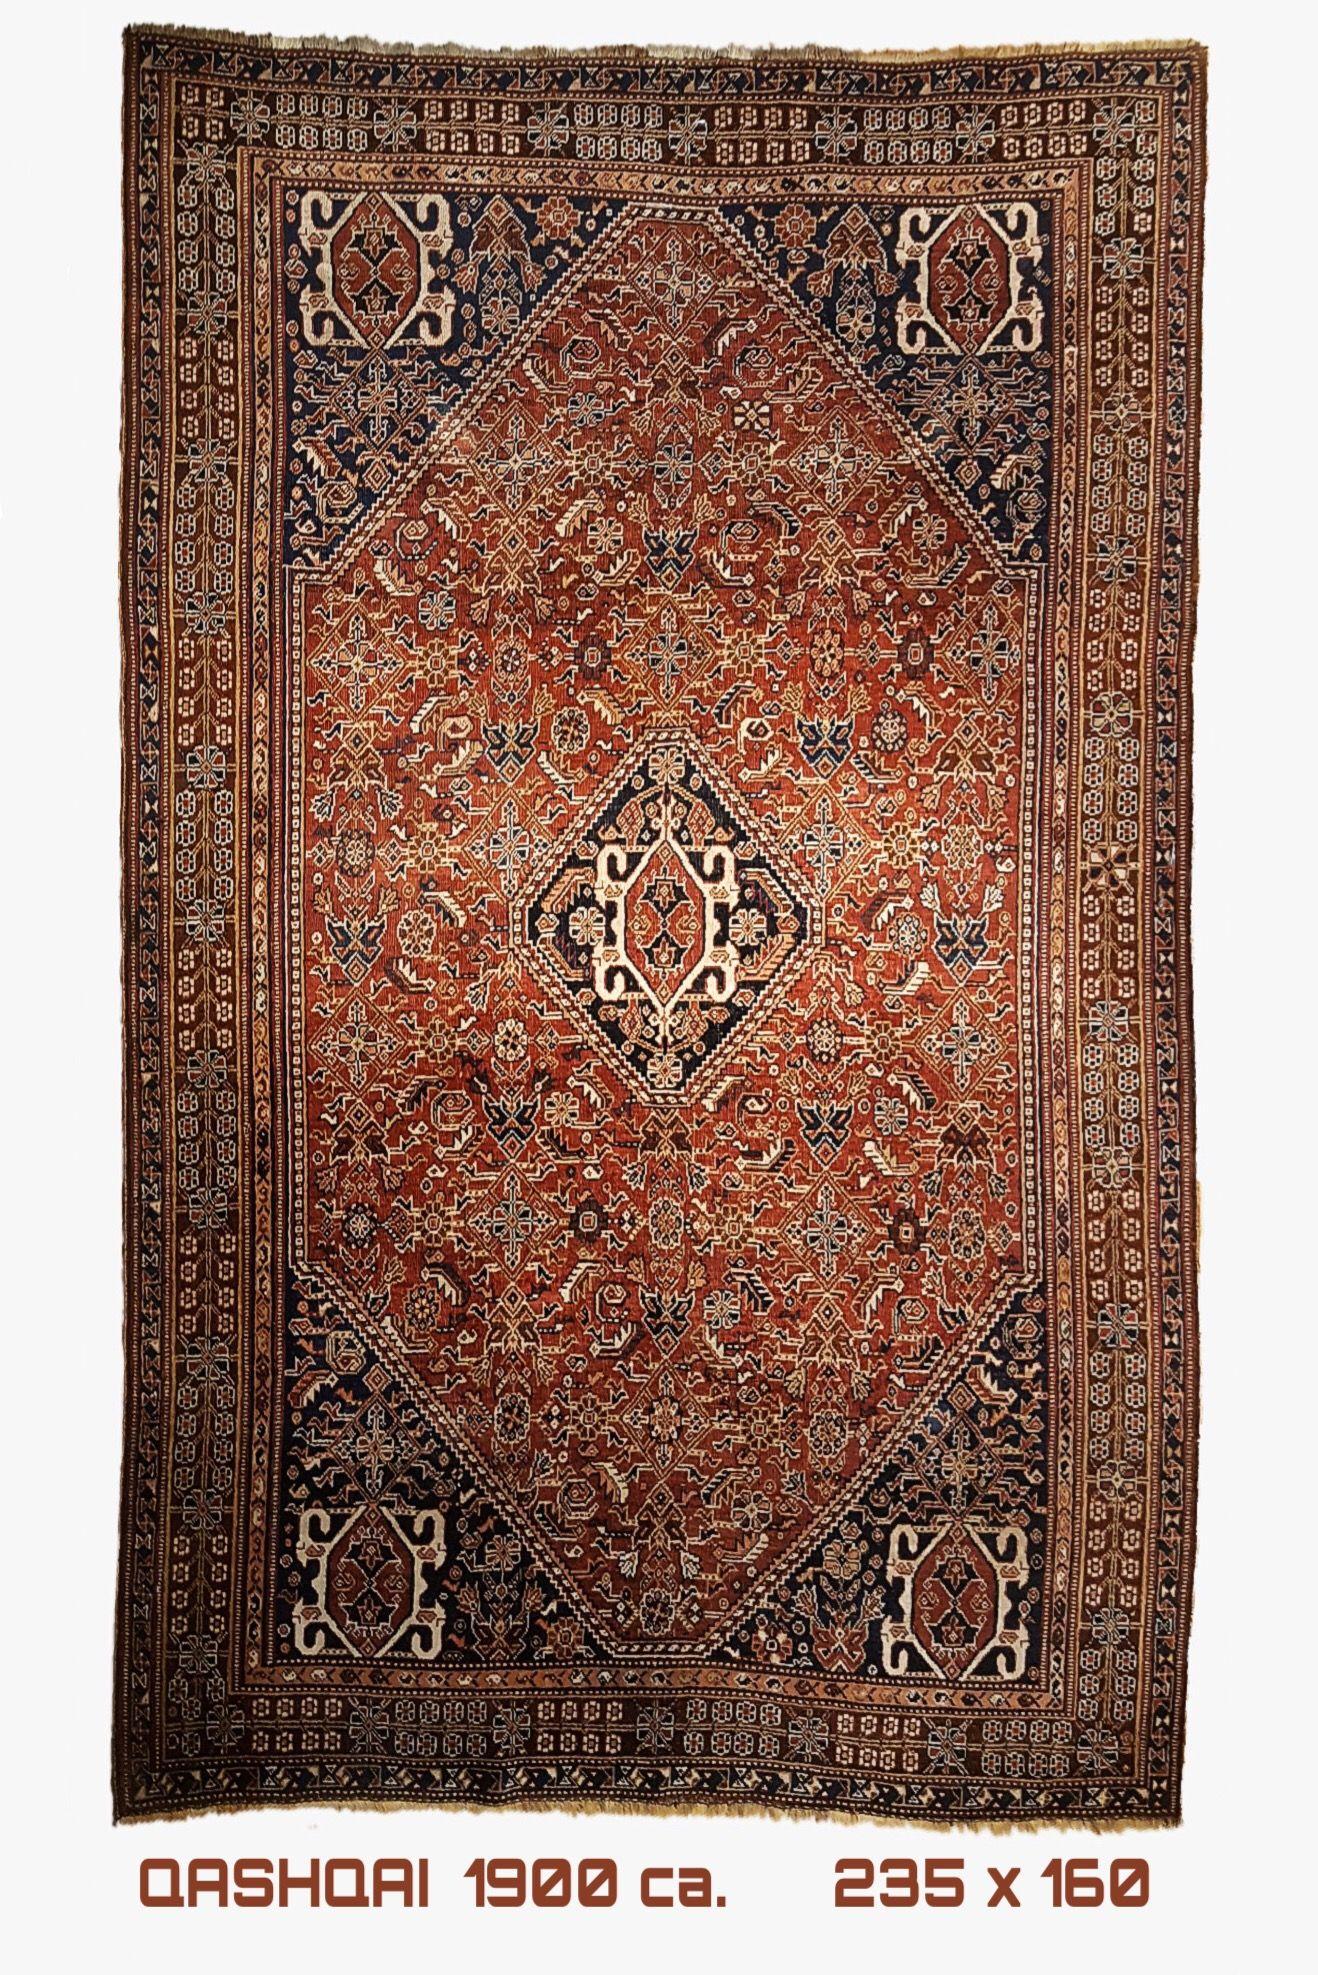 QASHQAI Antique carpet 1900 ca. 235x160 (con immagini)